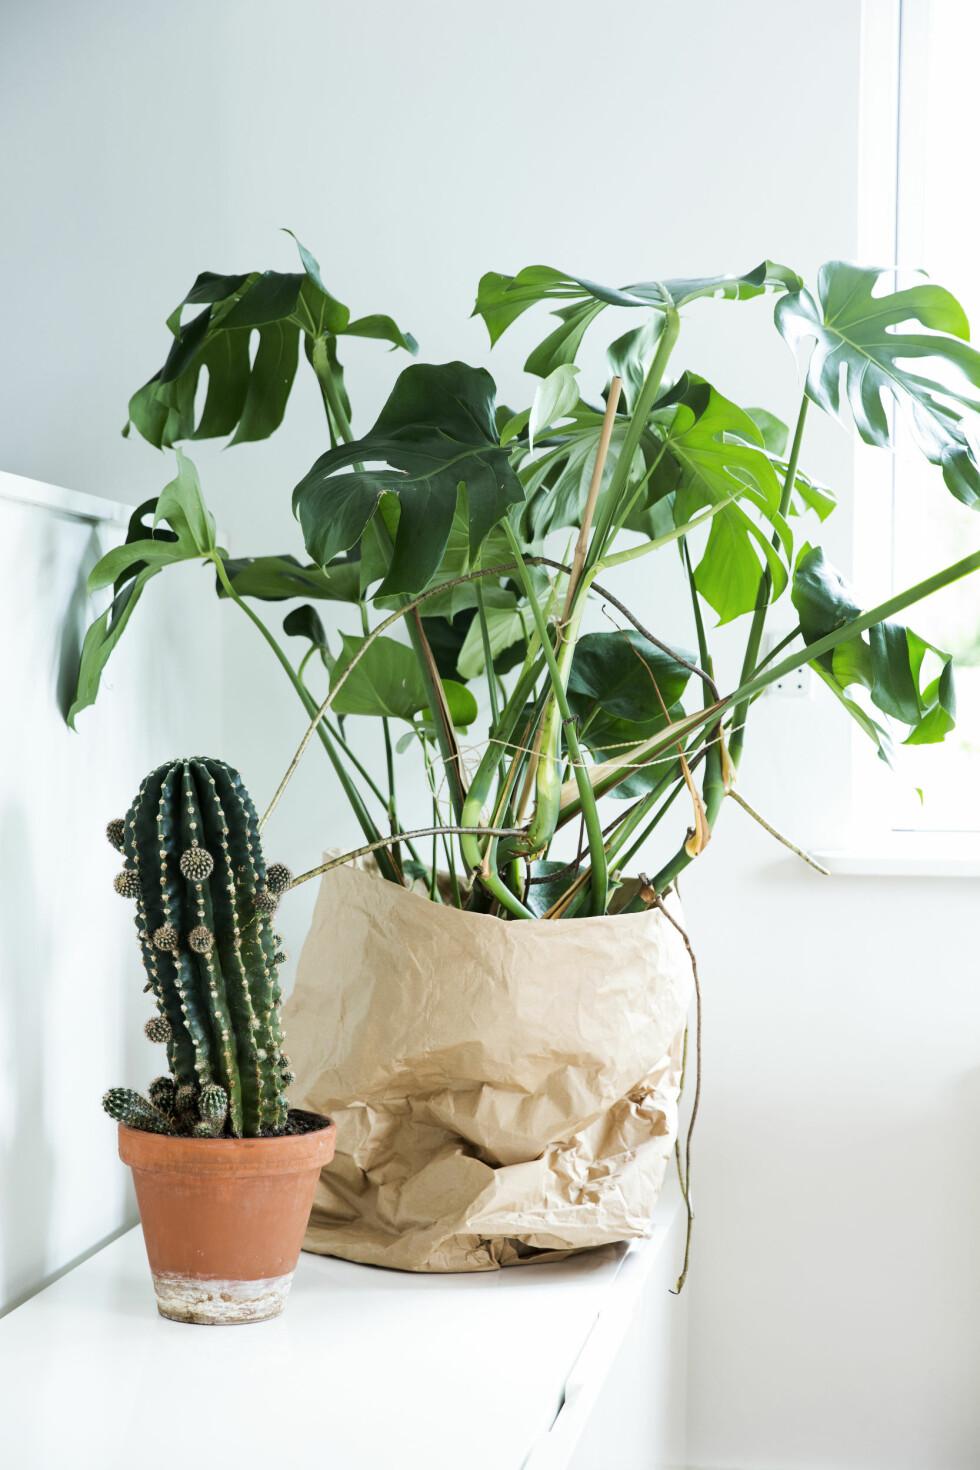 PLANTER GIR LIV: Grønne planter gir liv til interiøret. Den brune posen som er brukt som potteskjuler, er egentlig en papirsekk til hageavfall som er brukt på vrangen.   Foto: Tia Borgsmidt